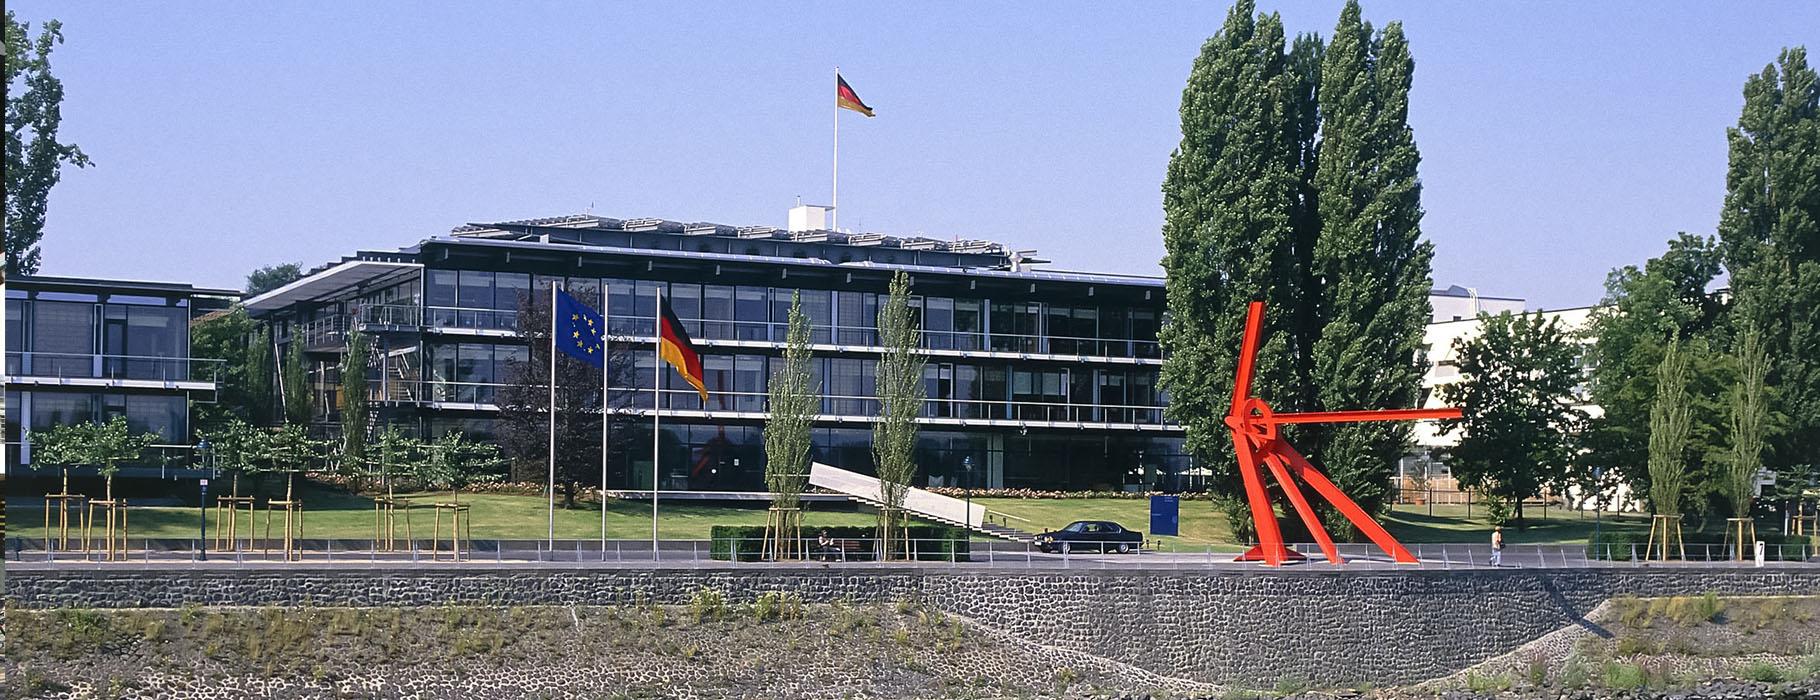 Worl-Conference-Center-Bonn-Aussenansicht-mit-Fahnen